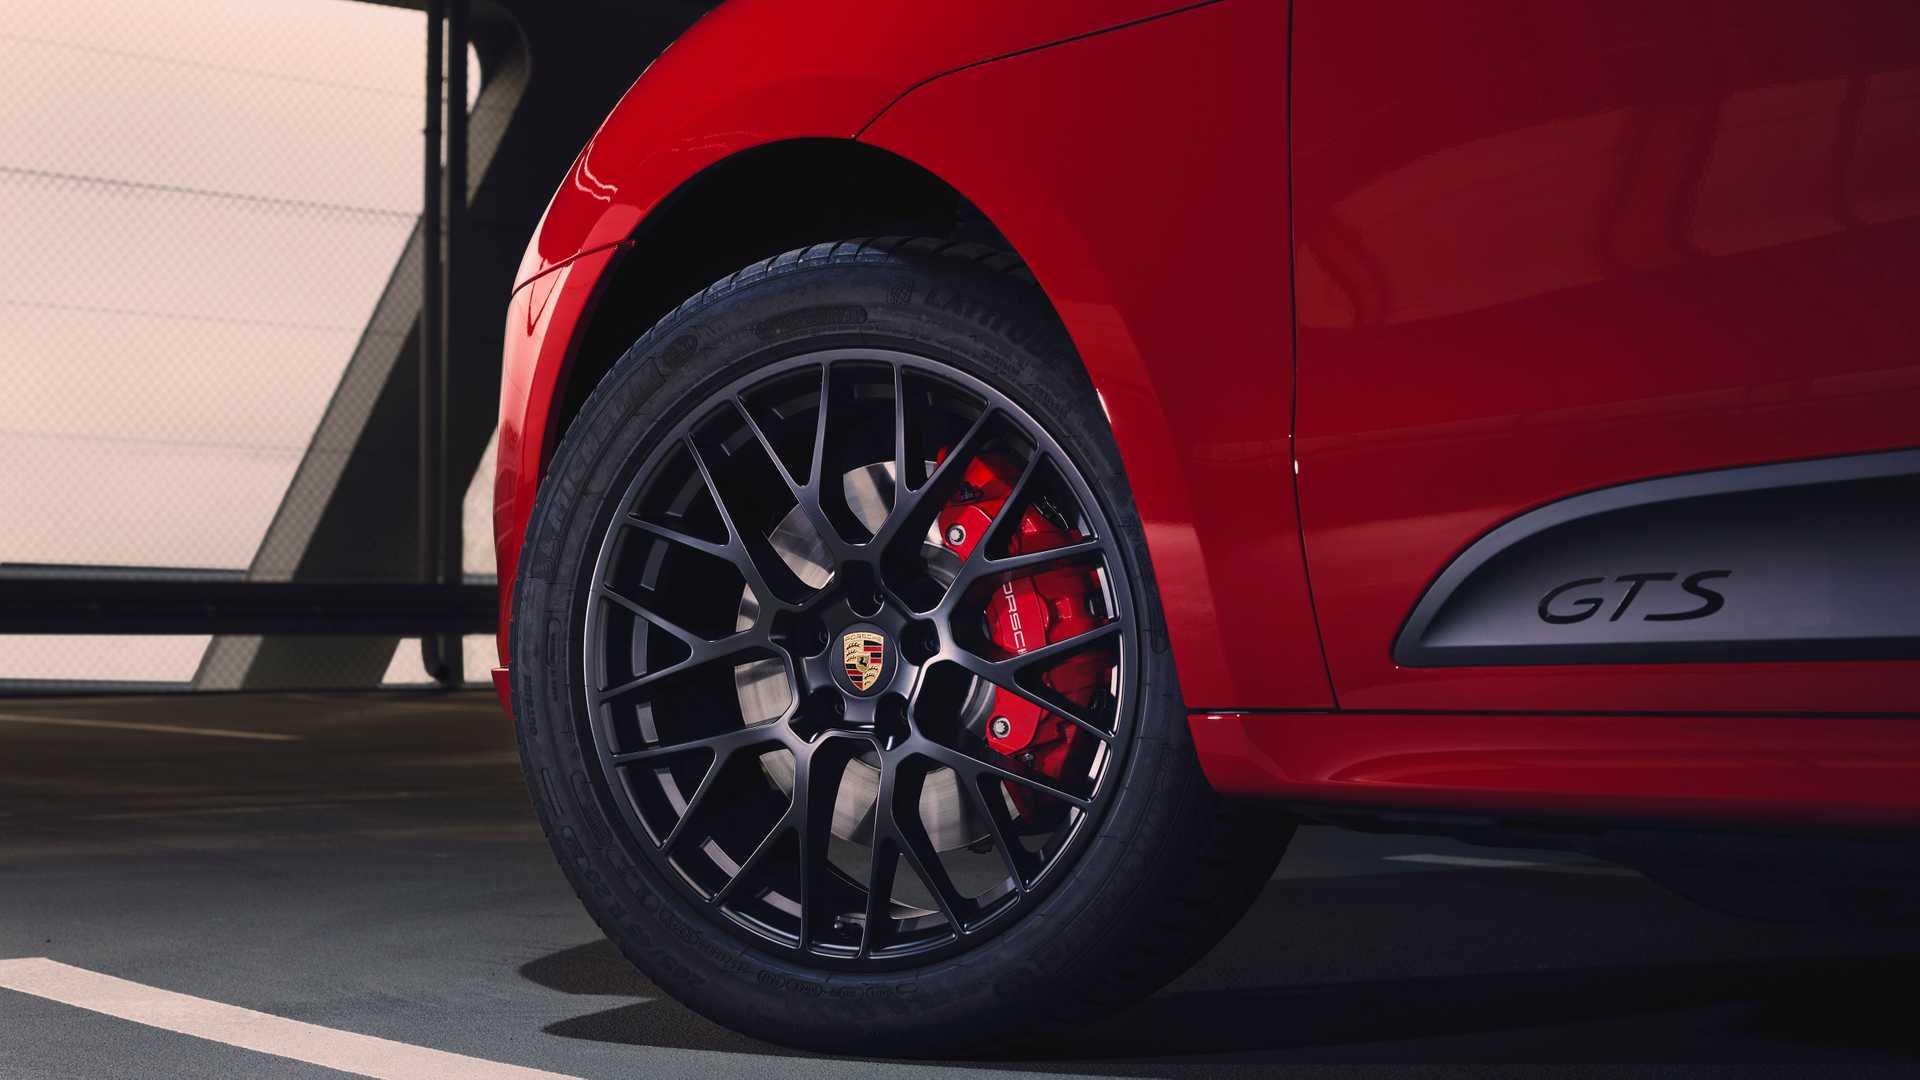 2020 Porsche Macan GTS Wheels